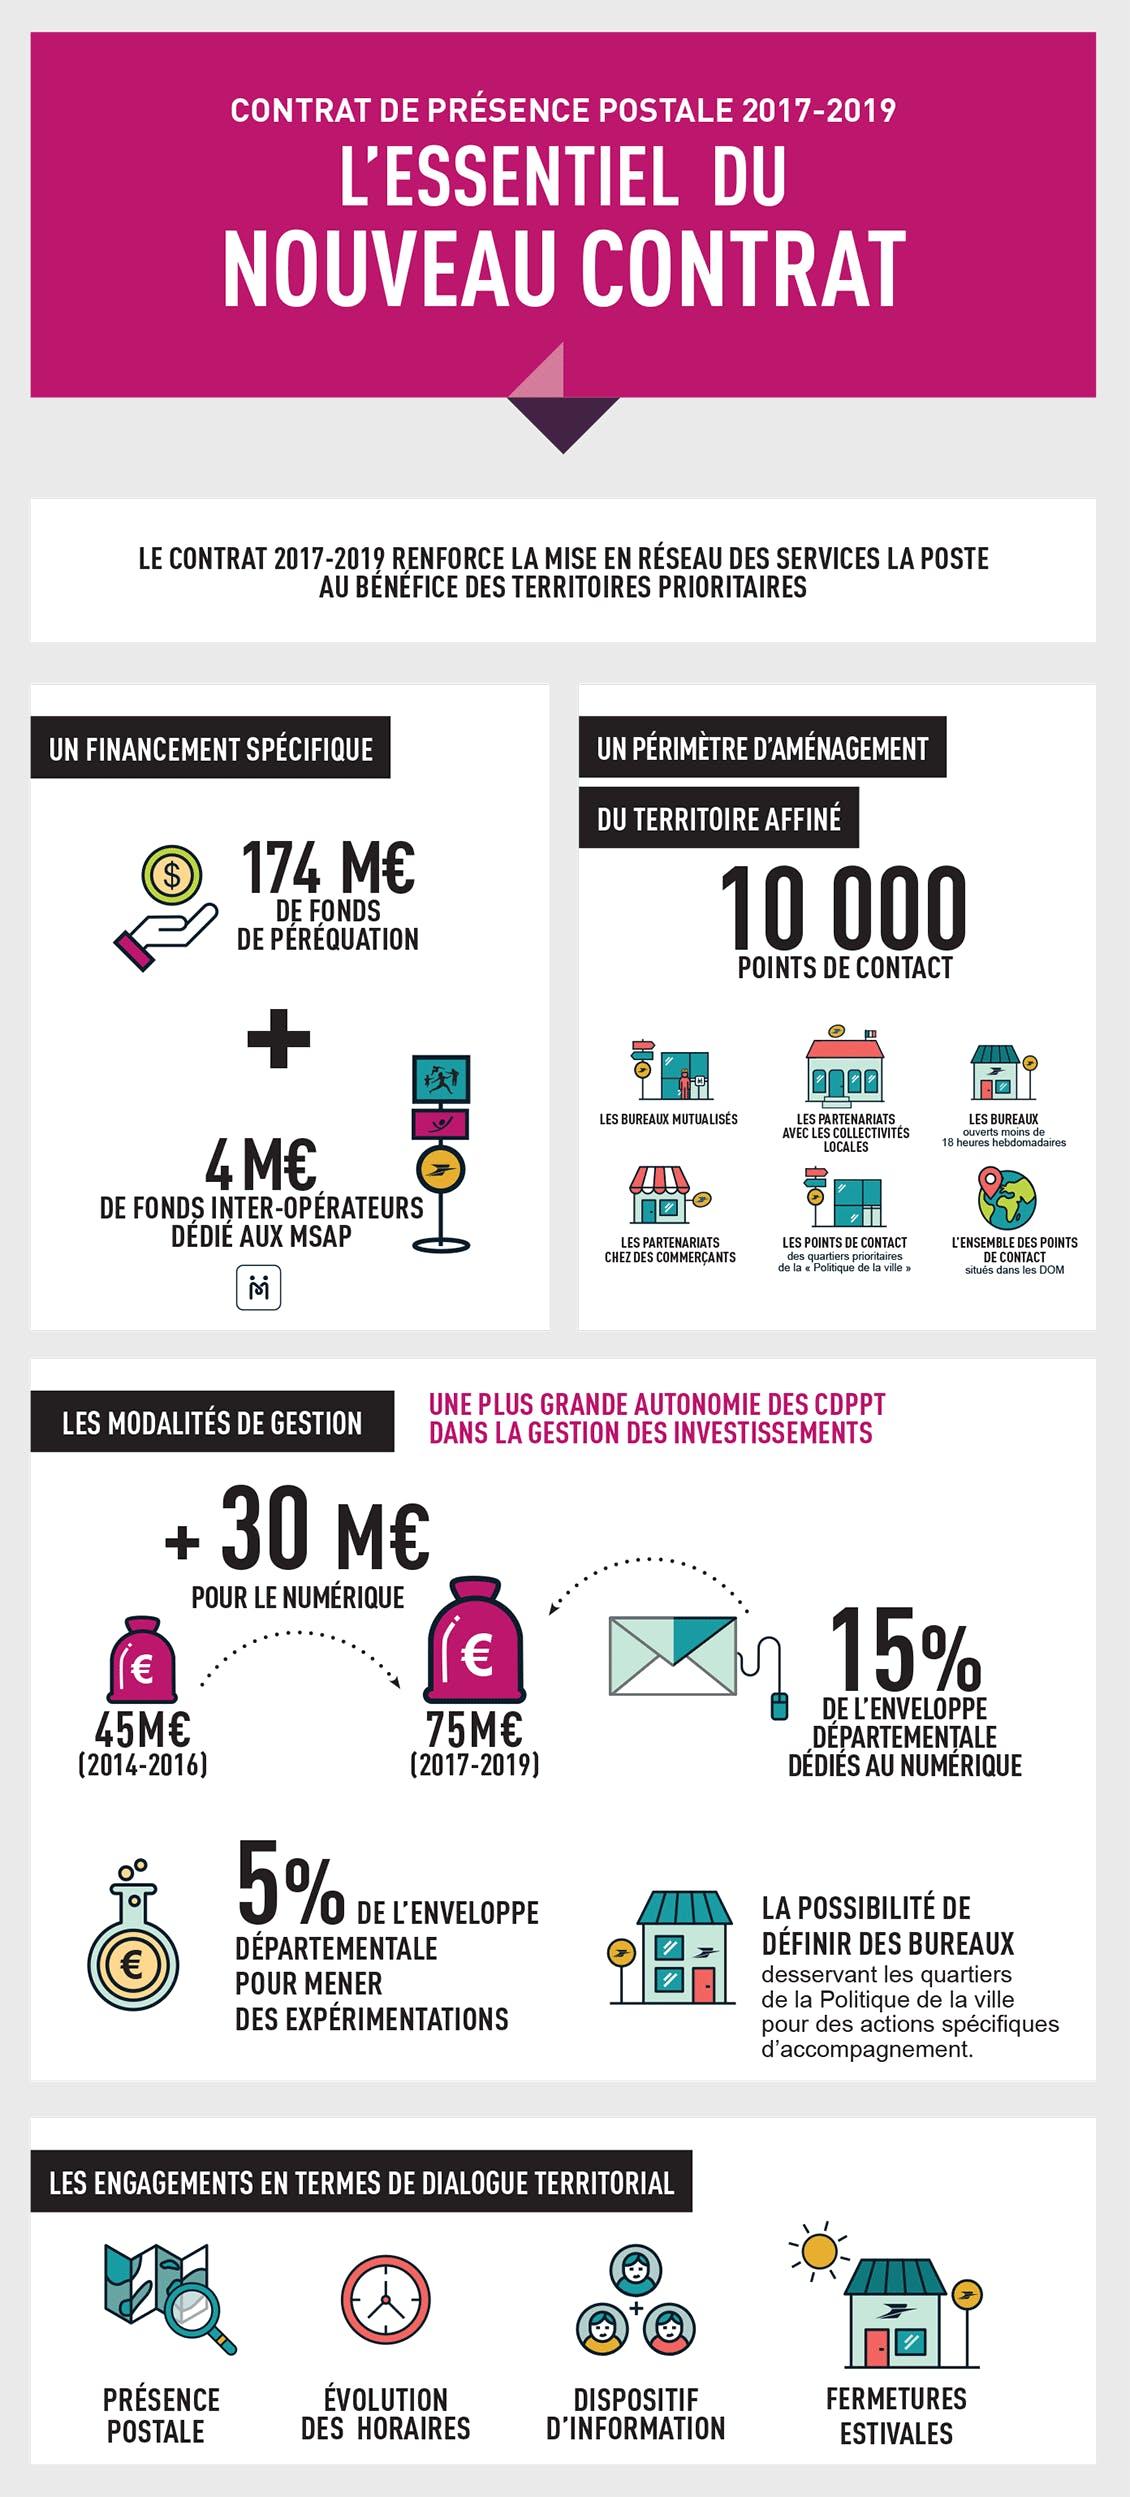 Infographie des principaux chiffres et dispositions du contrat de présence postale 2017-2018